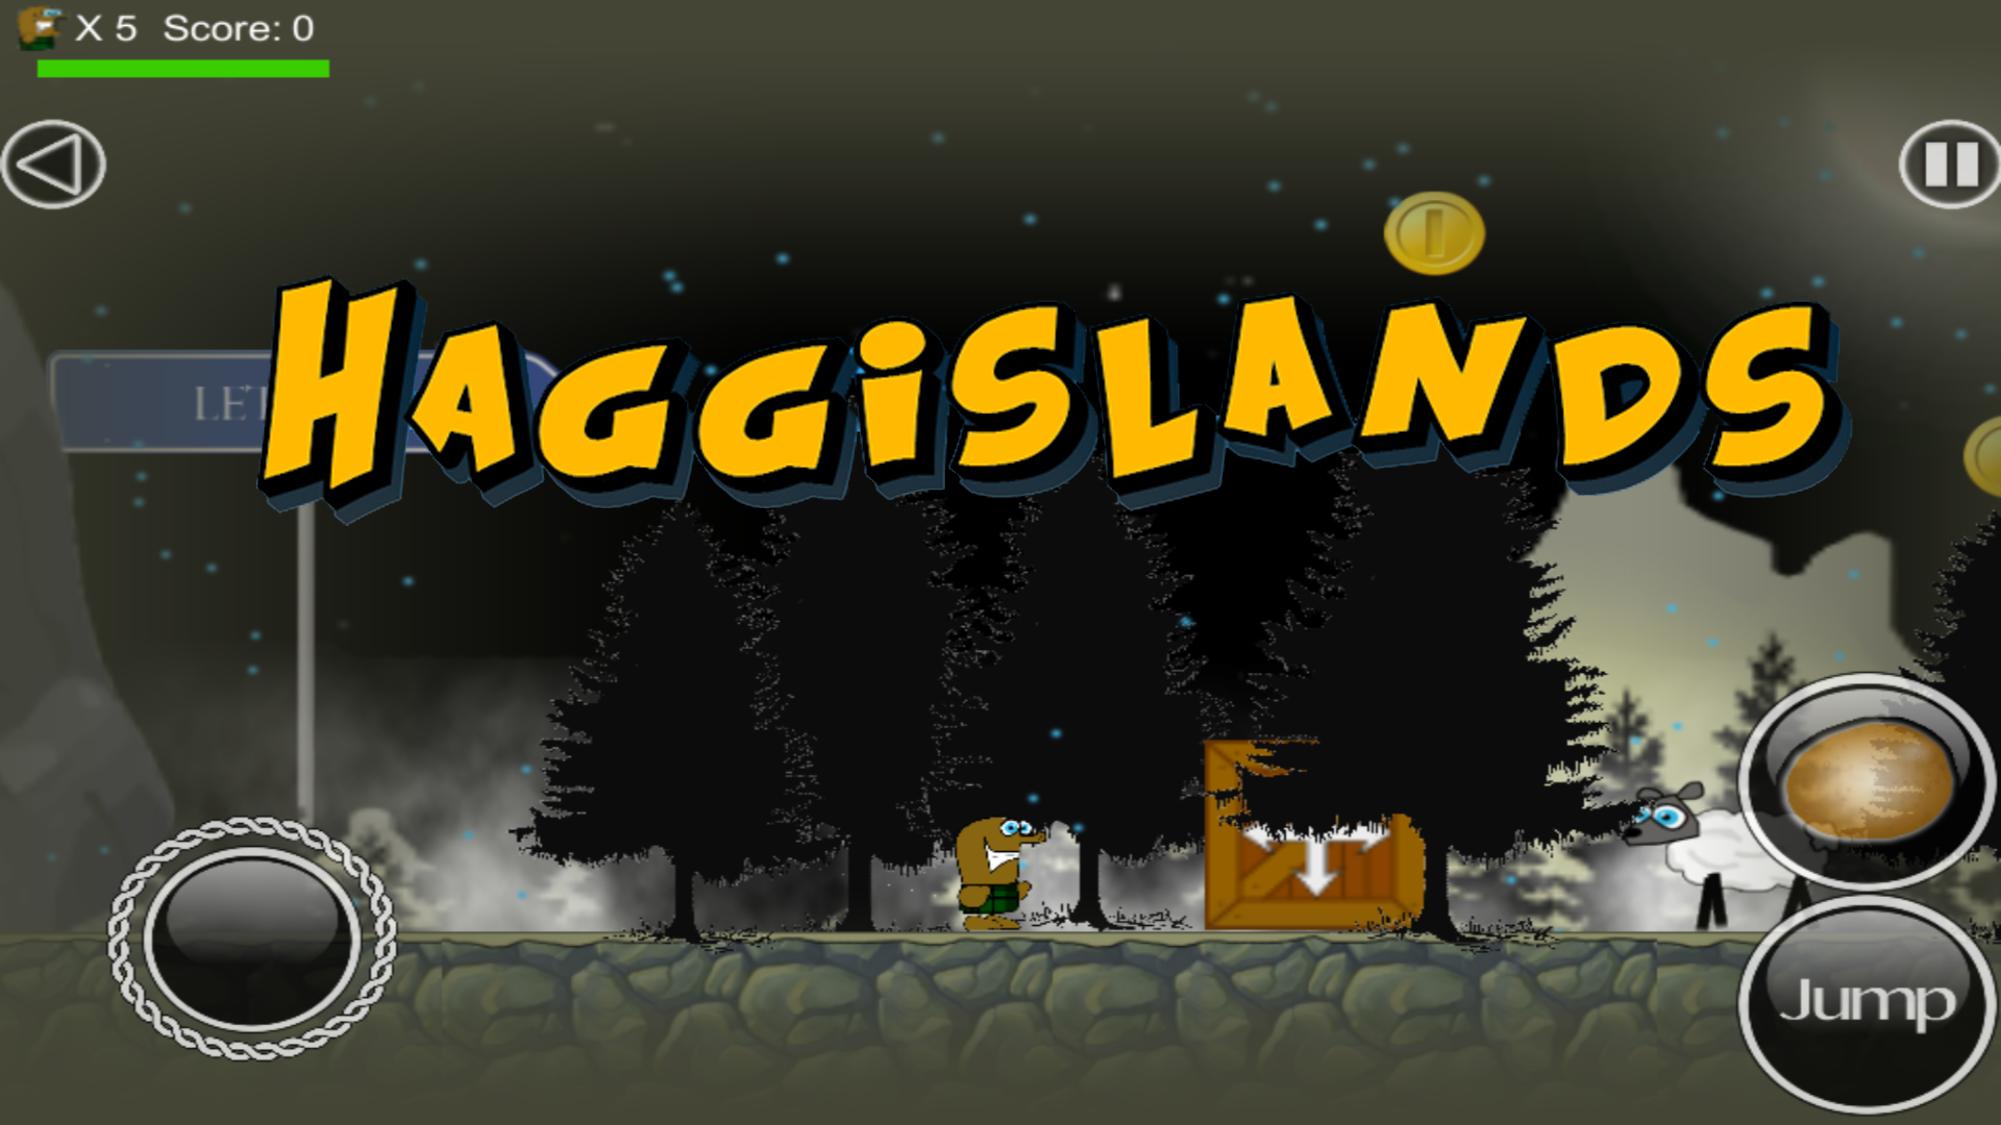 Haggislands